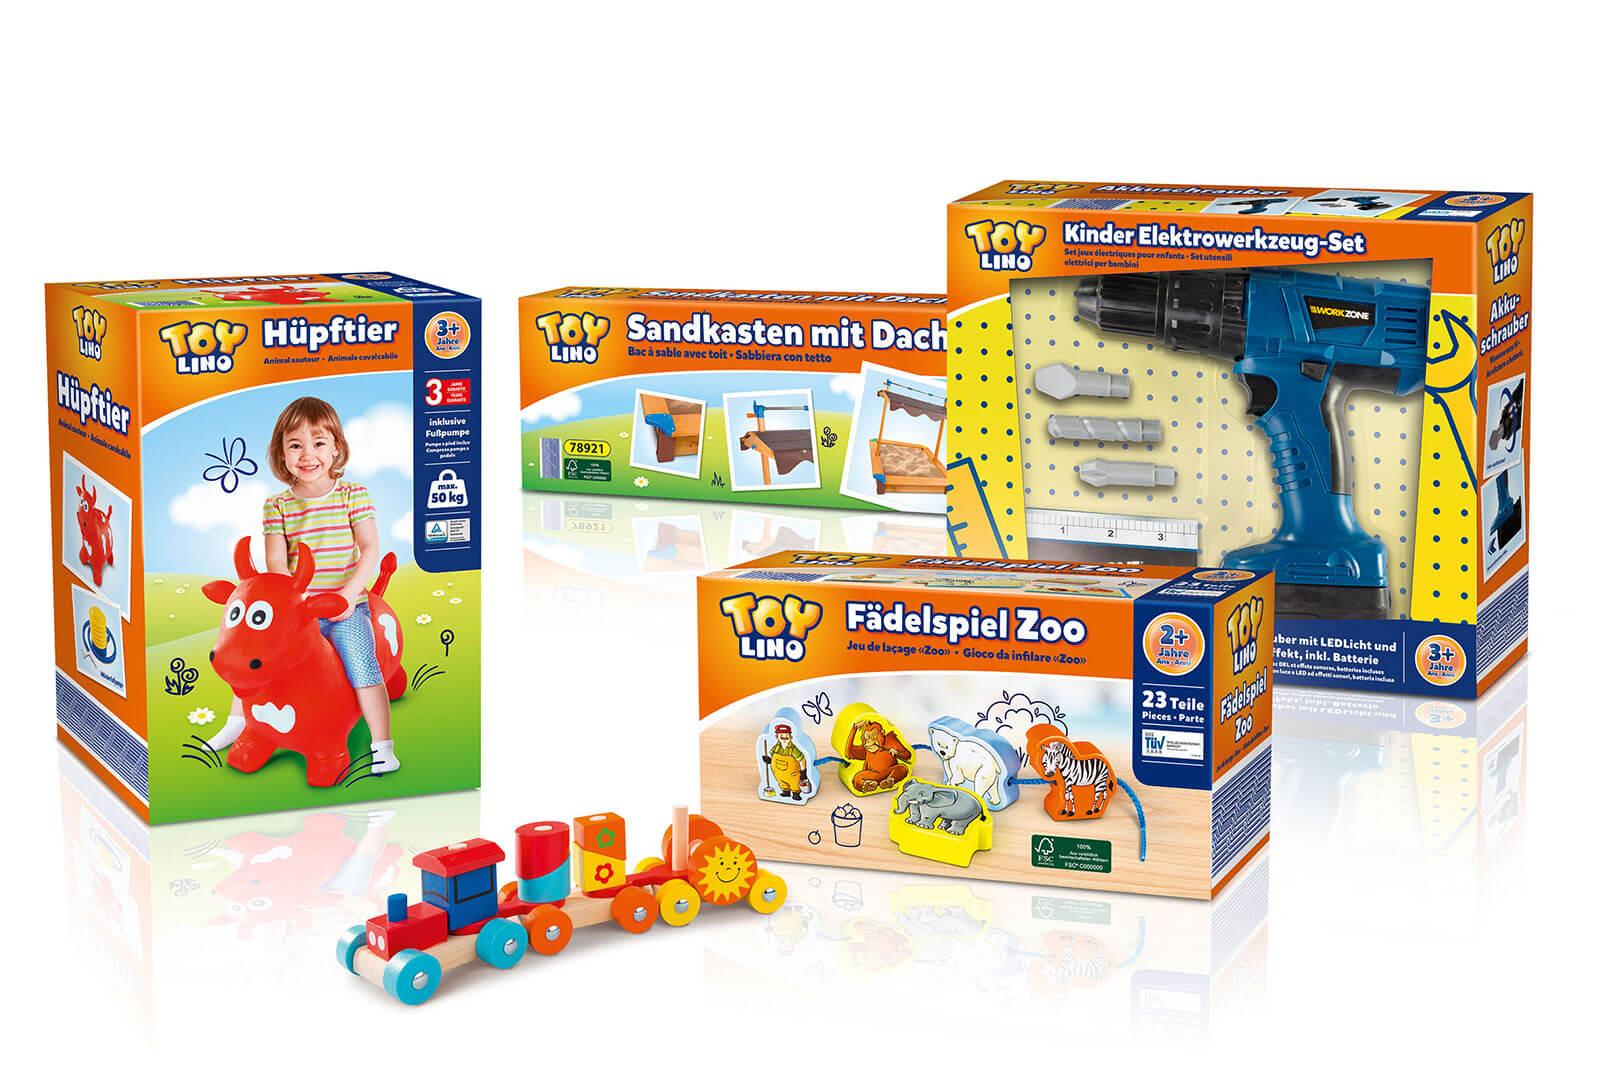 hofer toylino spielzeug verschiedene Artikel design packaging rubicon